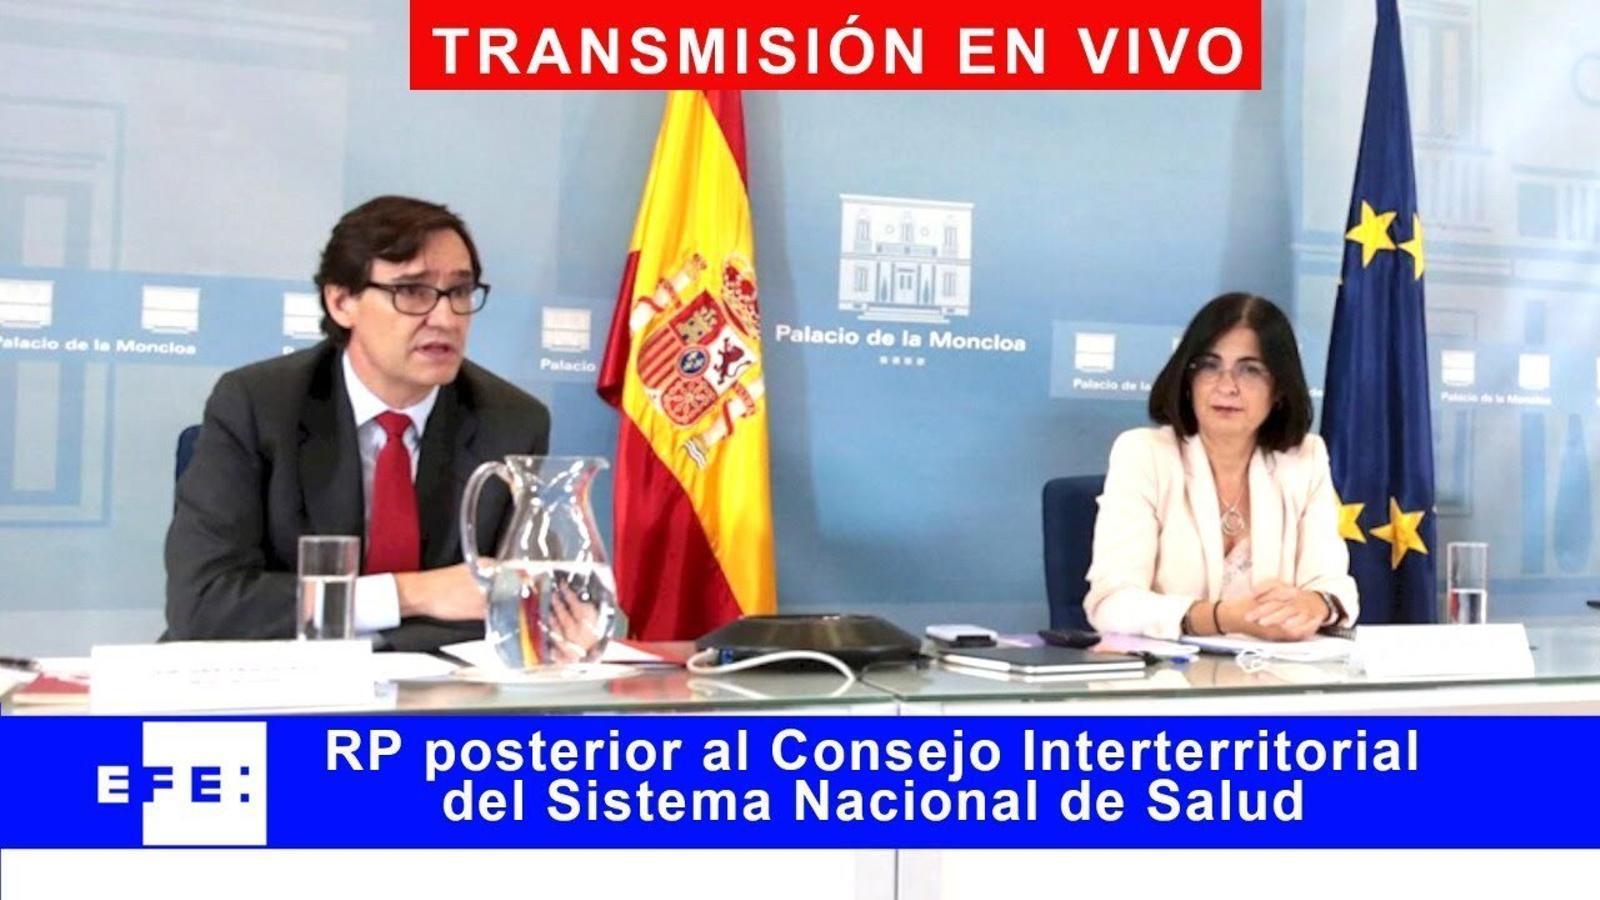 Roda de premsa posterior al Consell Interterritorial de Salut